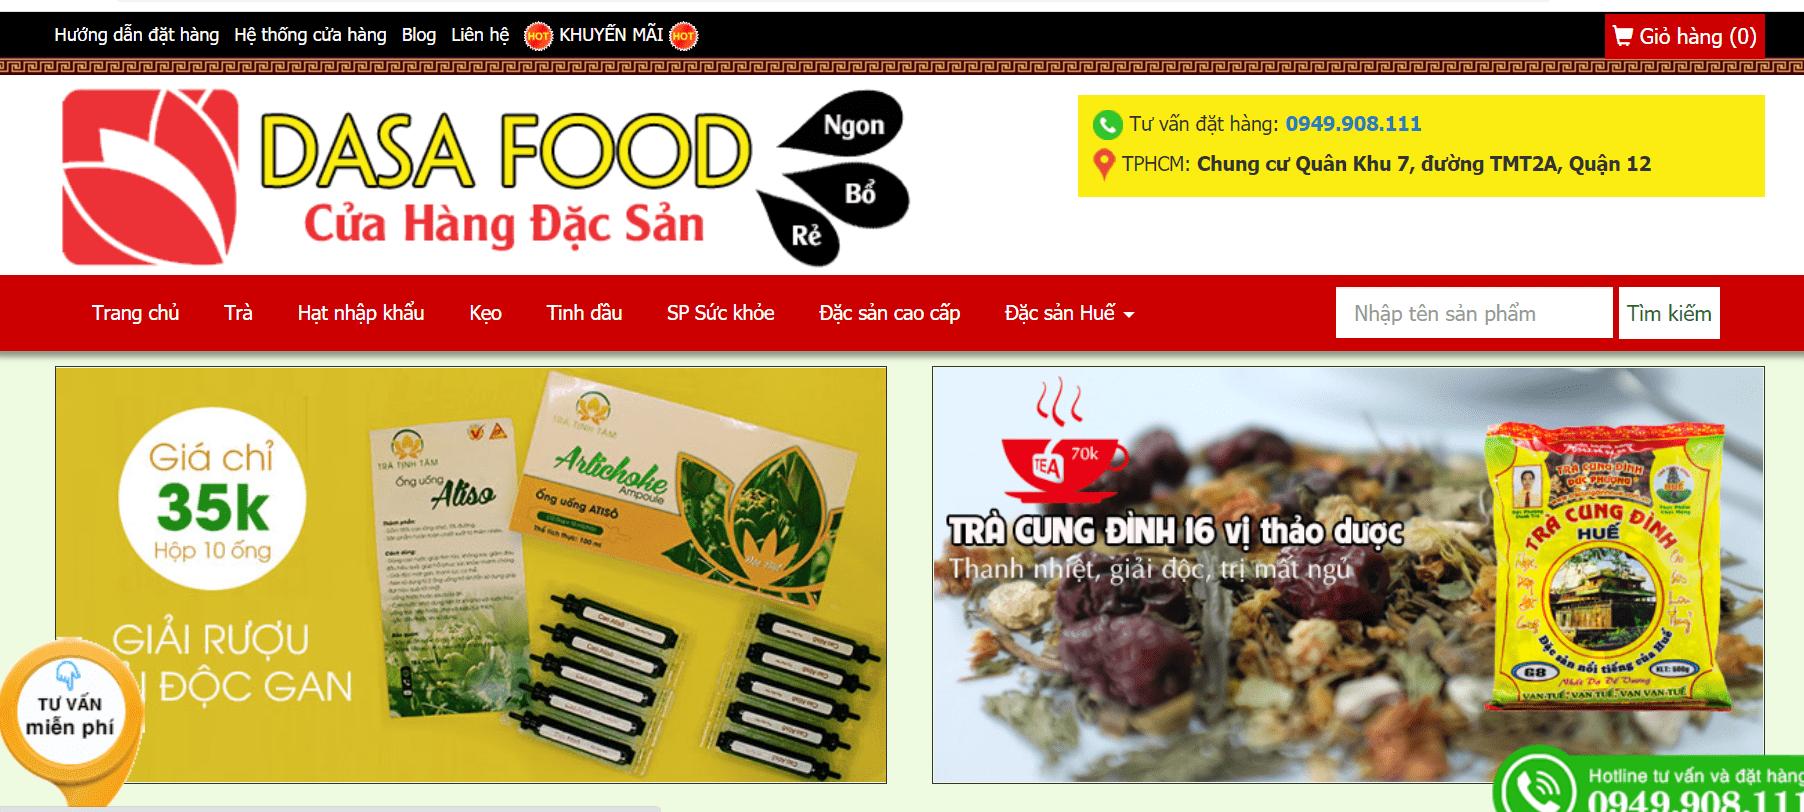 dasa food